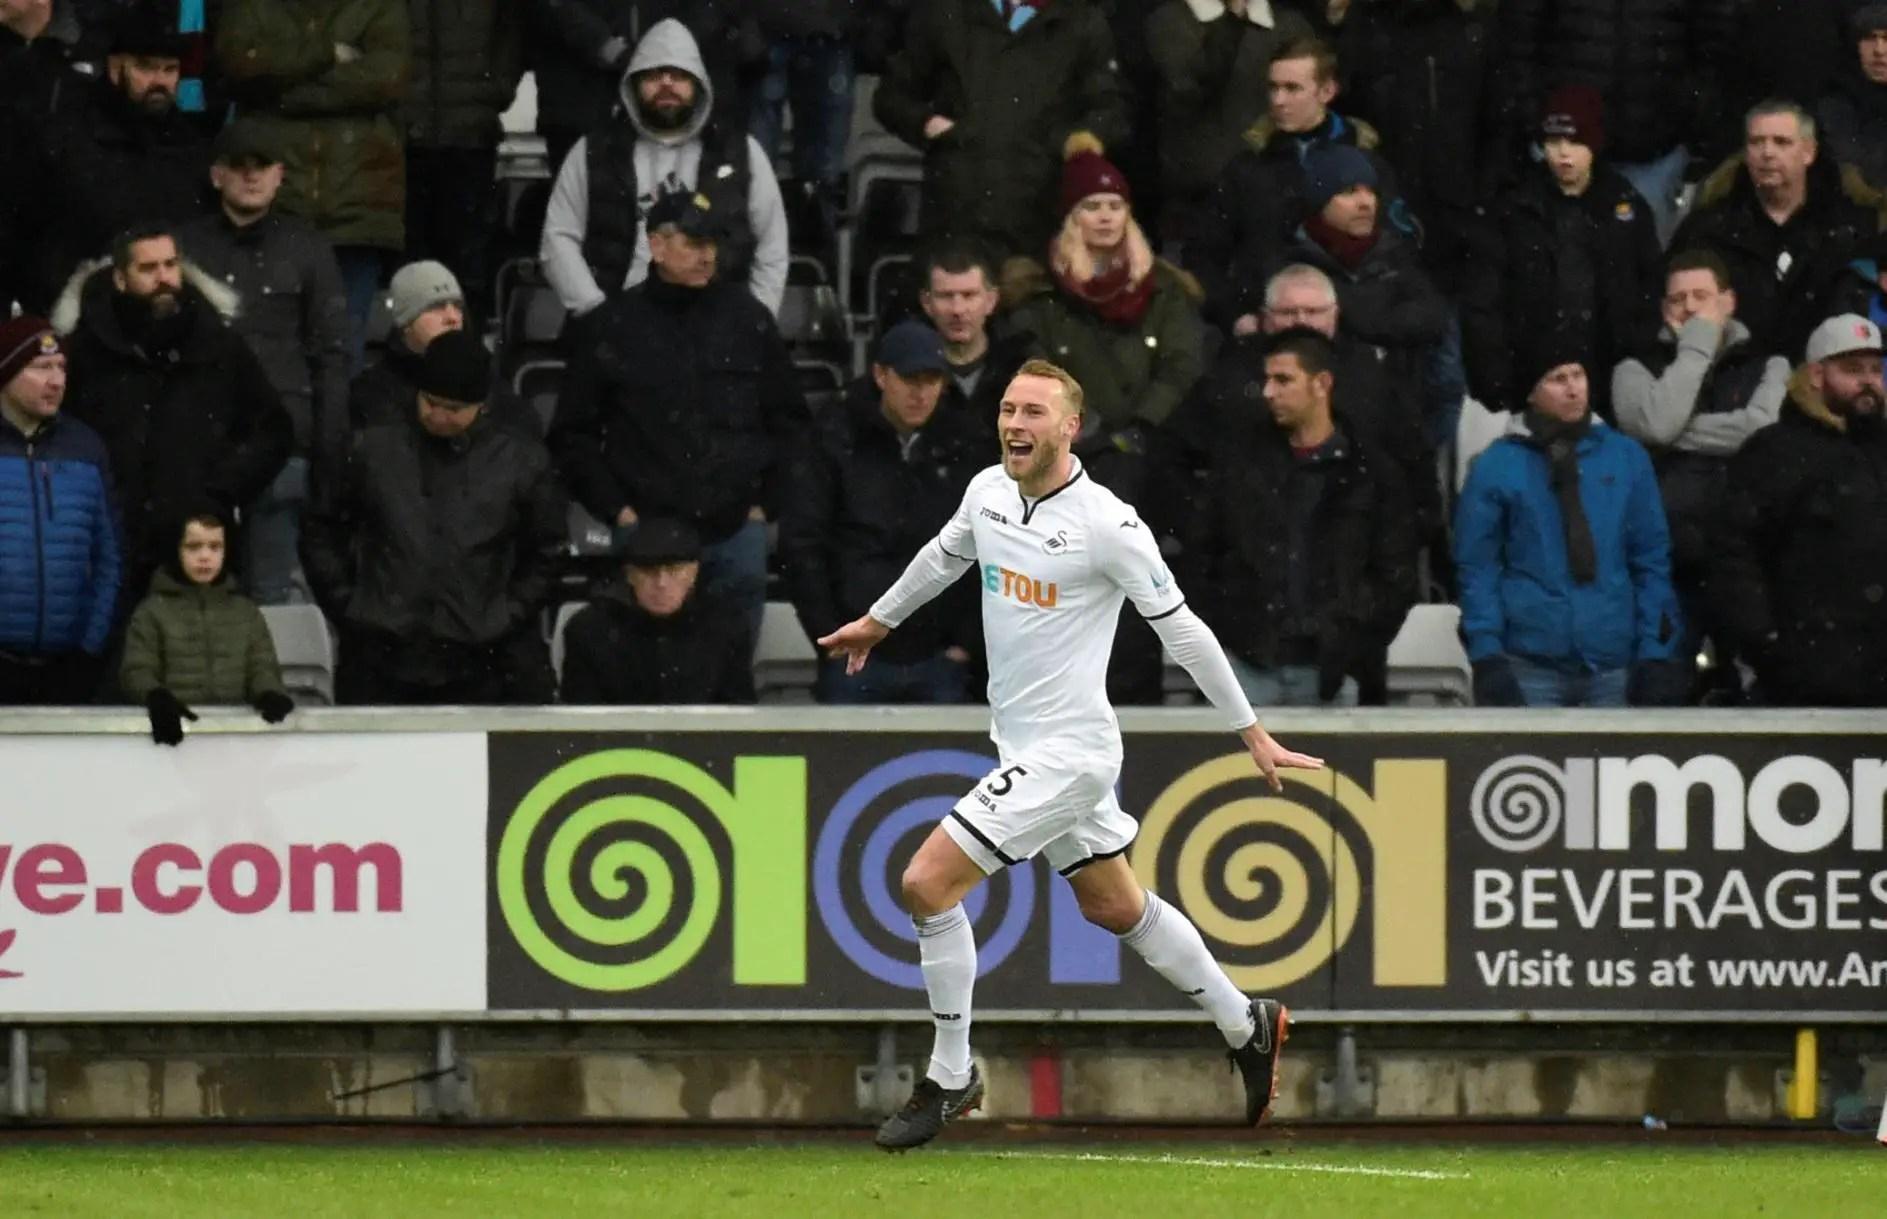 FC Koln Mull Move For Swansea Star